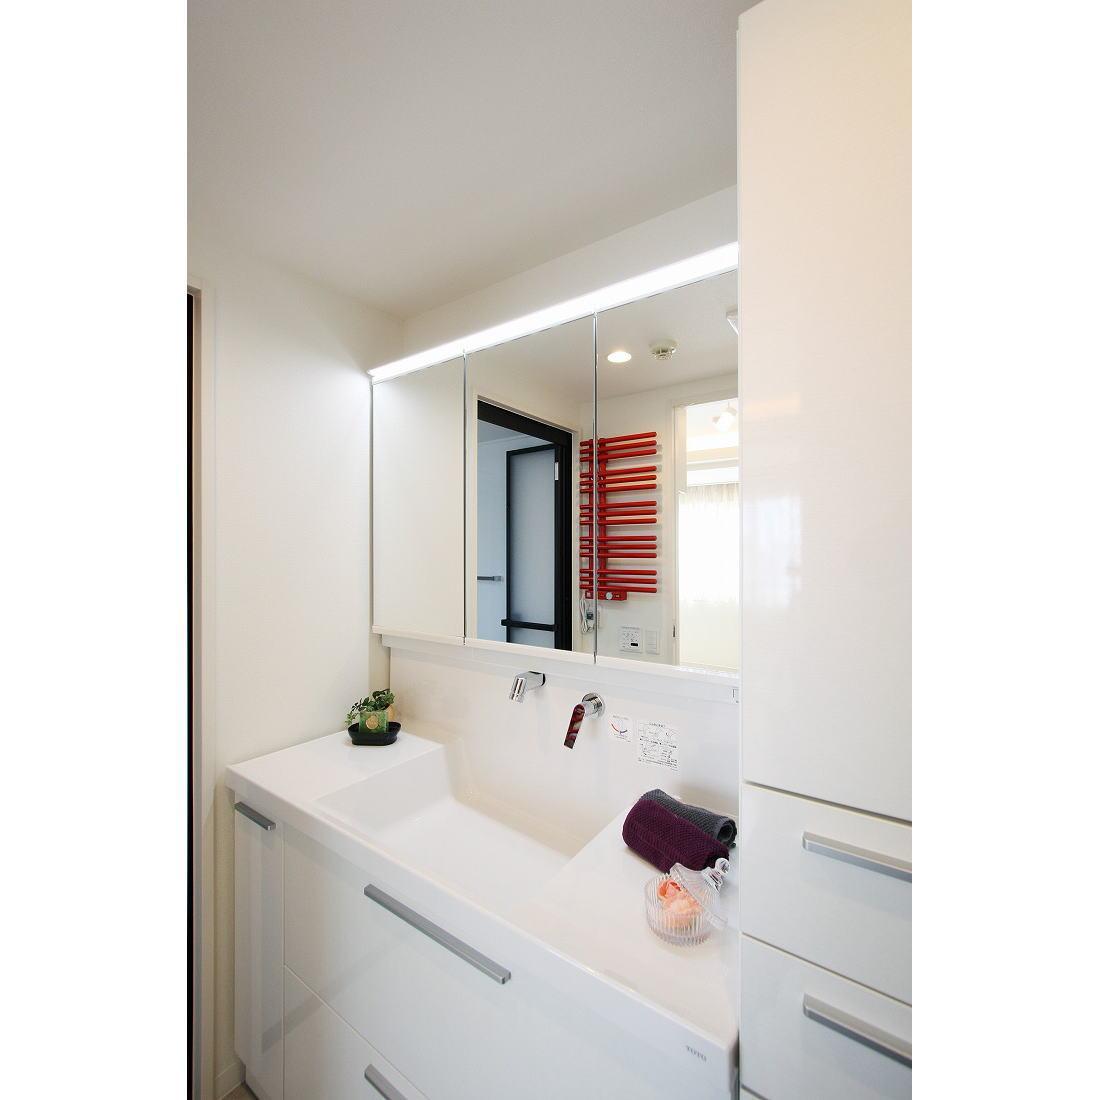 赤色のアクセントカラーの映える家の部屋 アクセントカラーが映える洗面所周り